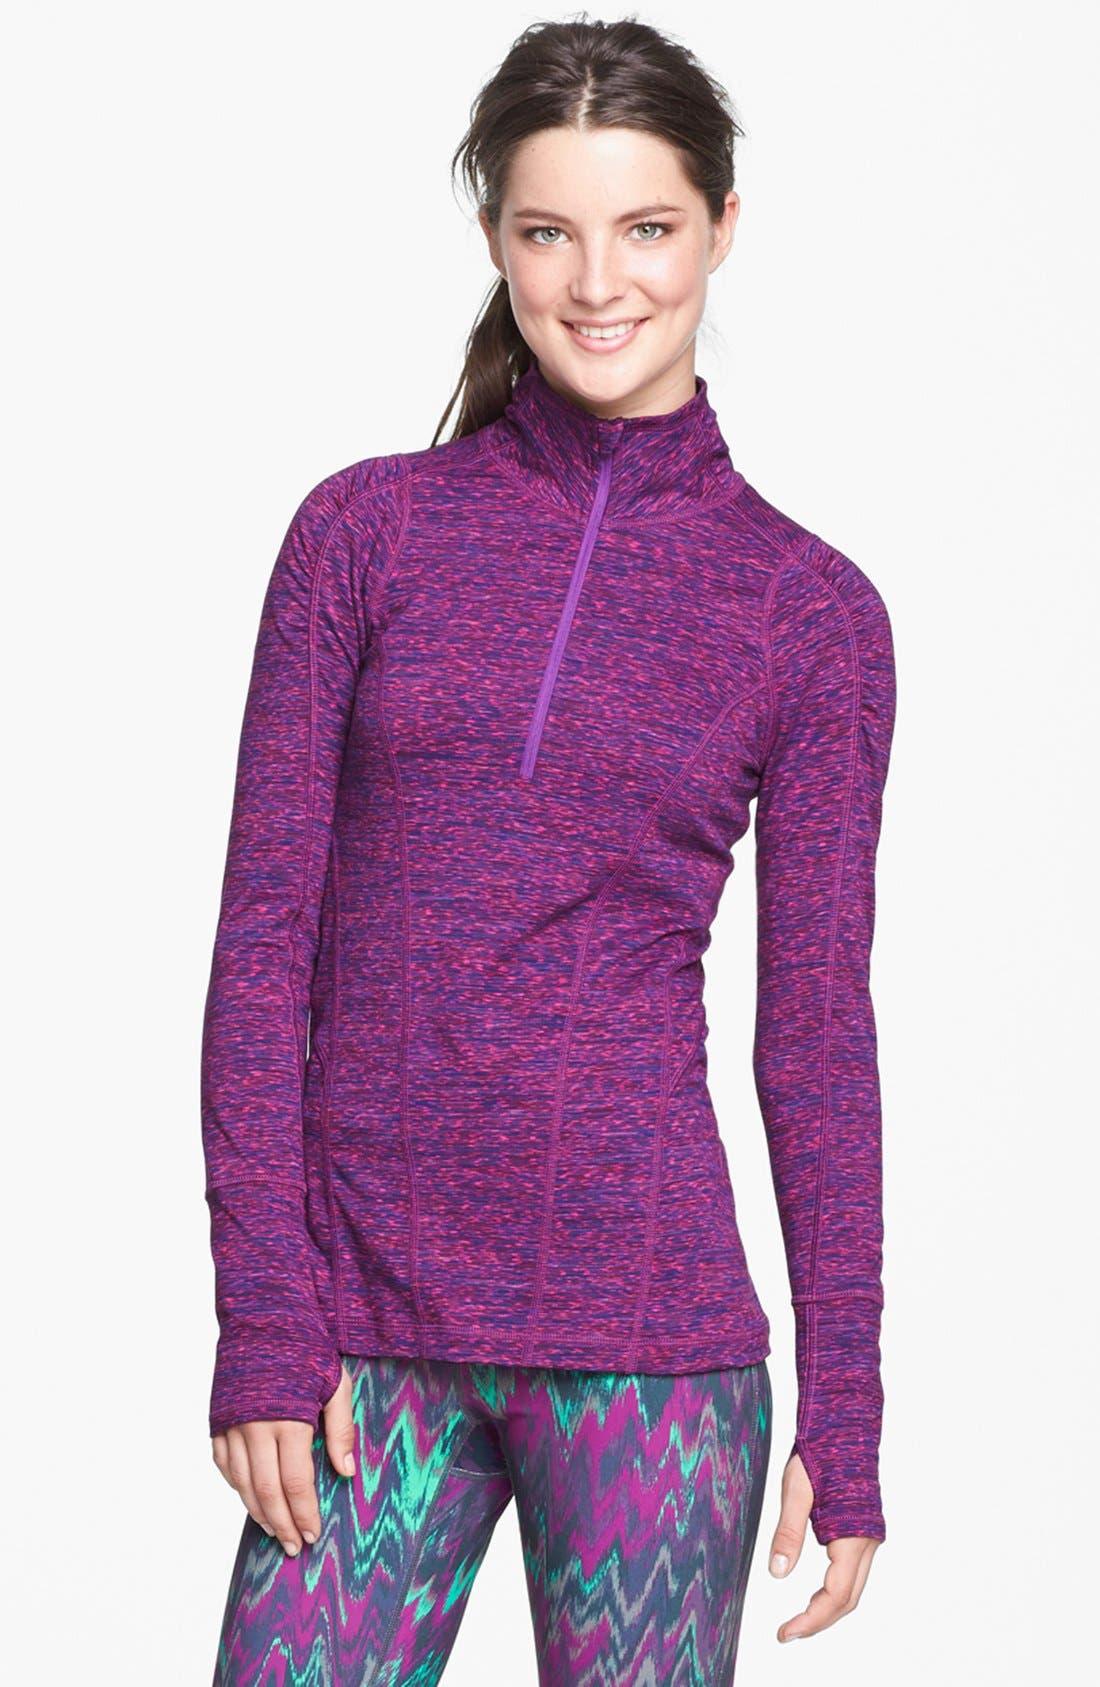 Main Image - Zella 'Good Sport' Space Dye Half Zip Pullover